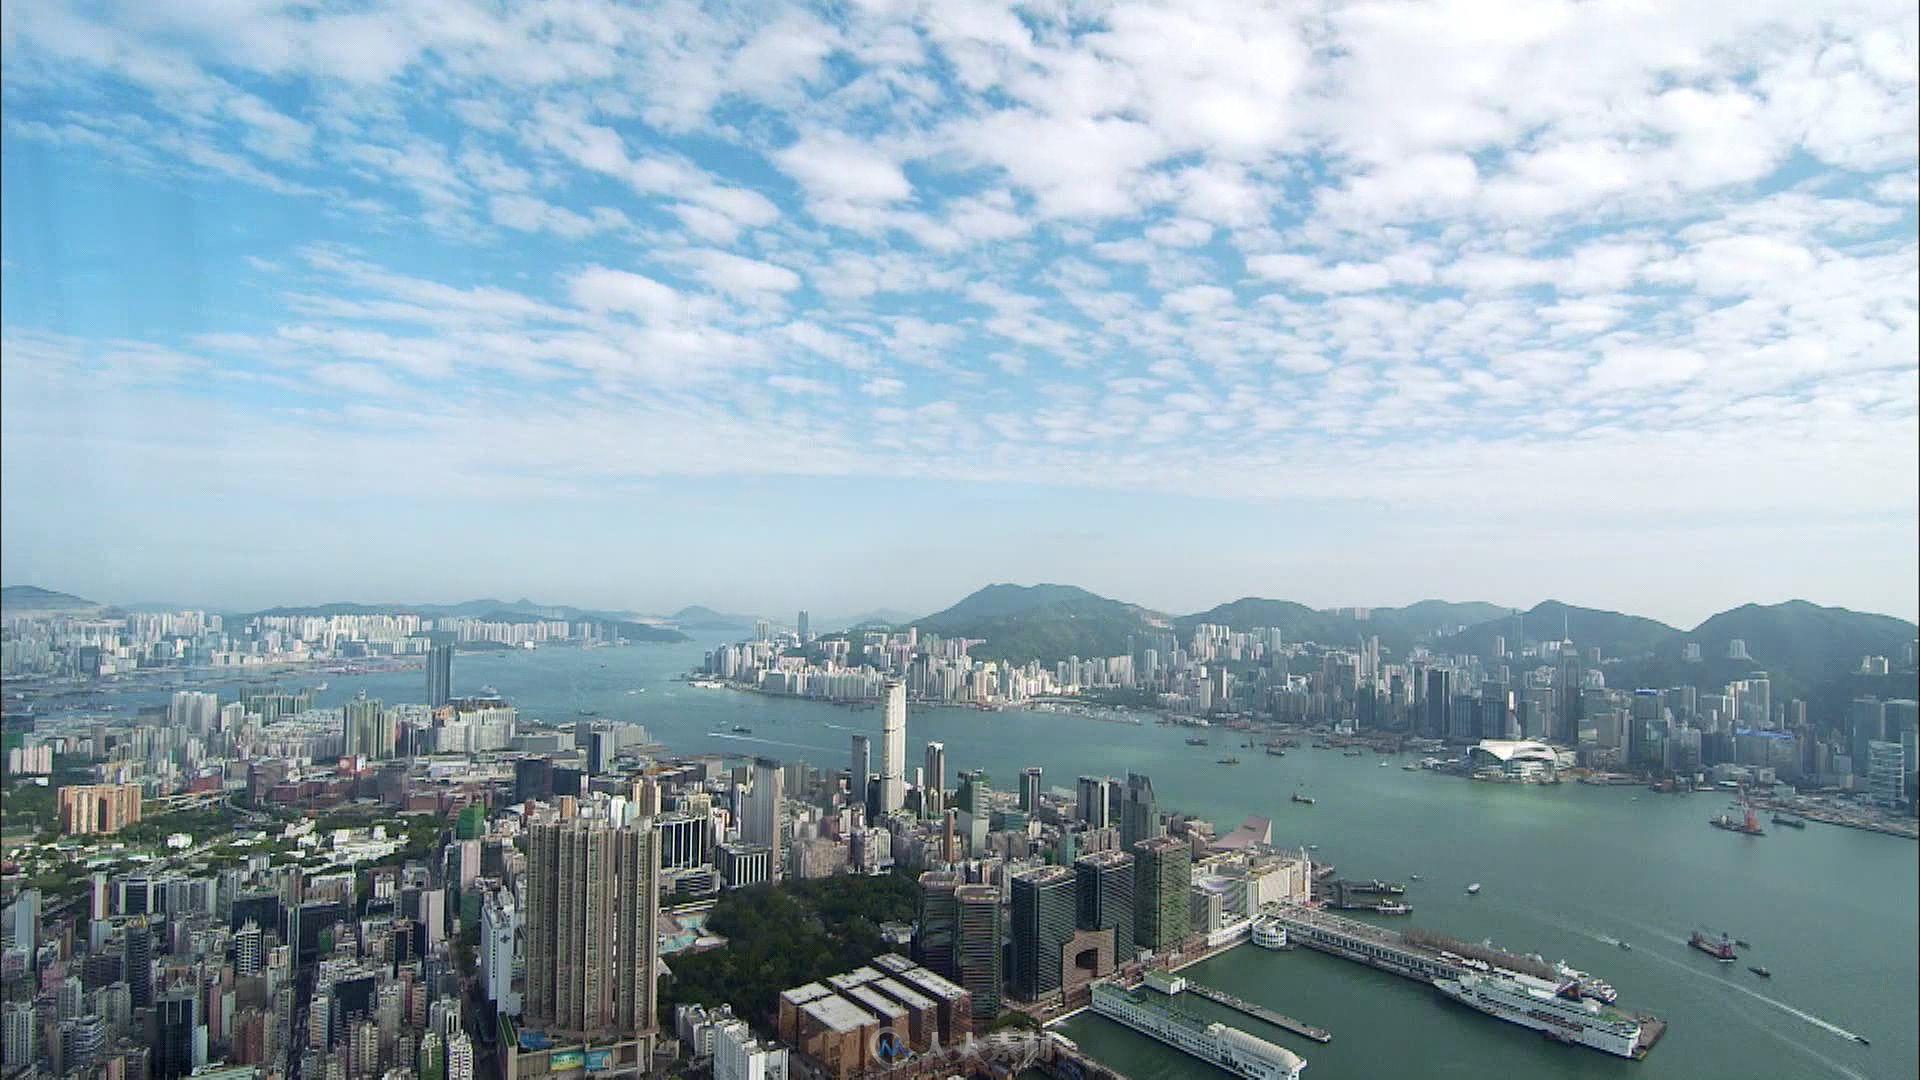 海滨视频船舶快速延时进港实拍纠纷-素材视频素材土地城市图片